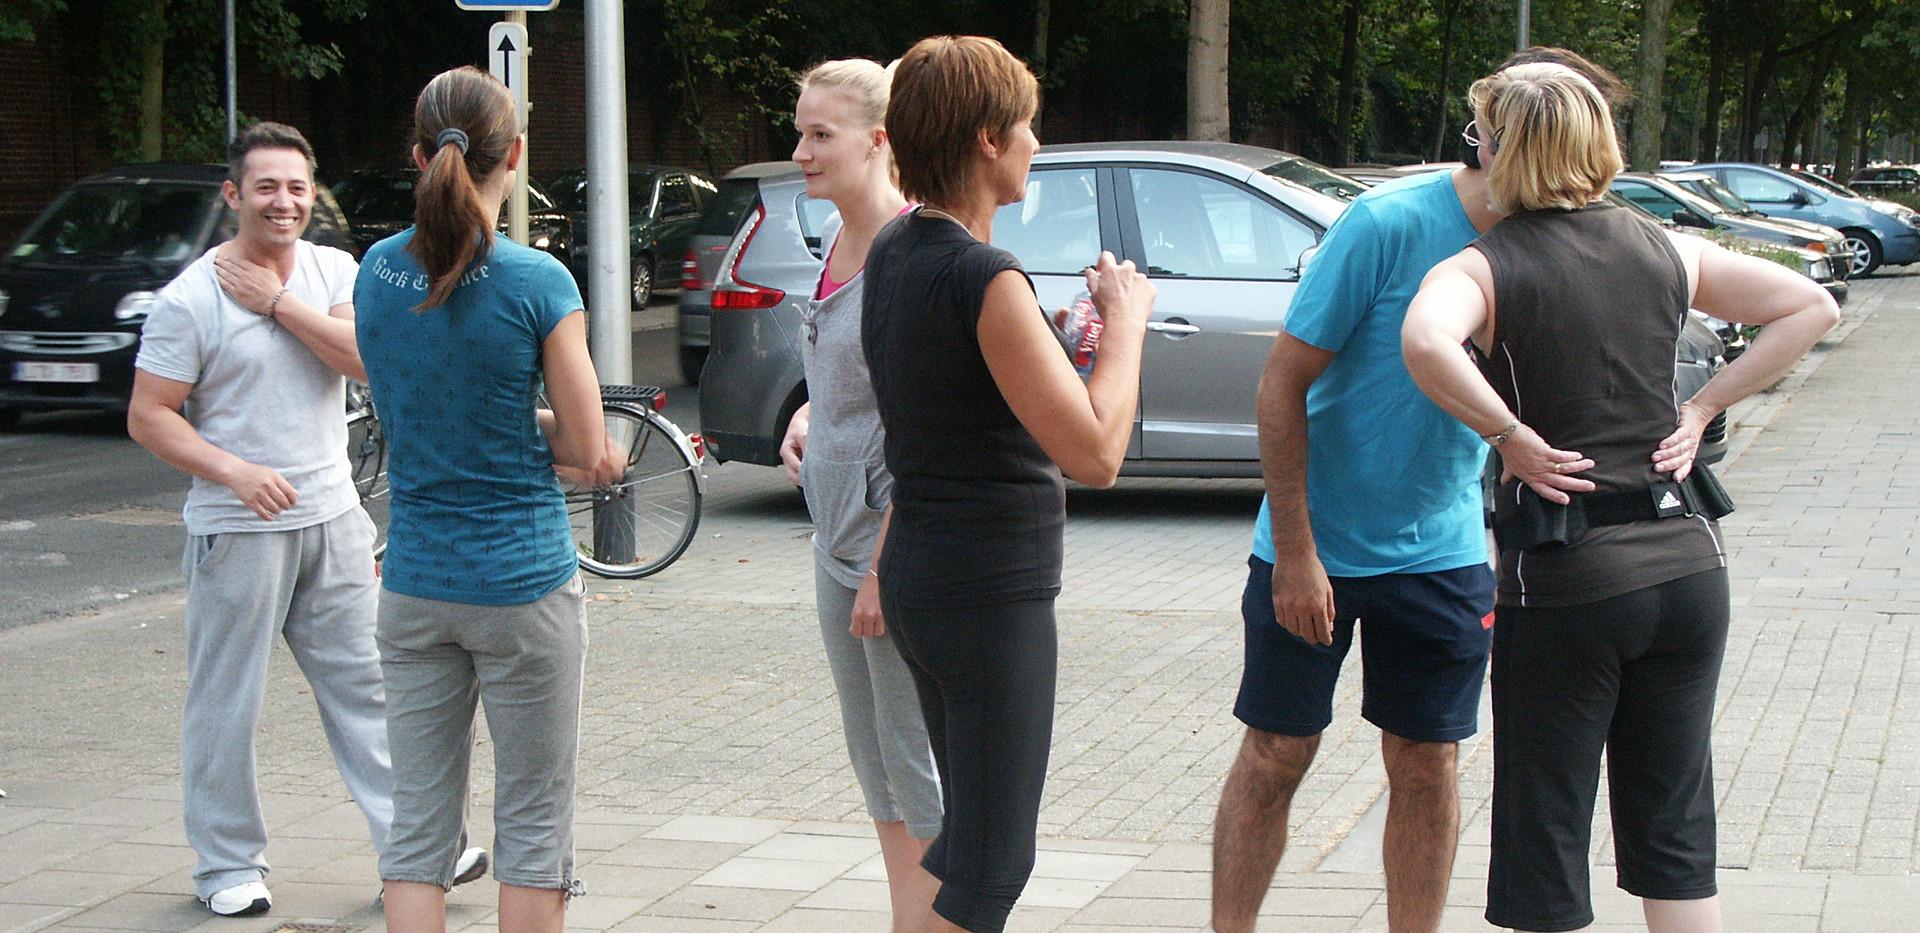 12 09 10 Jogging-03.JPG